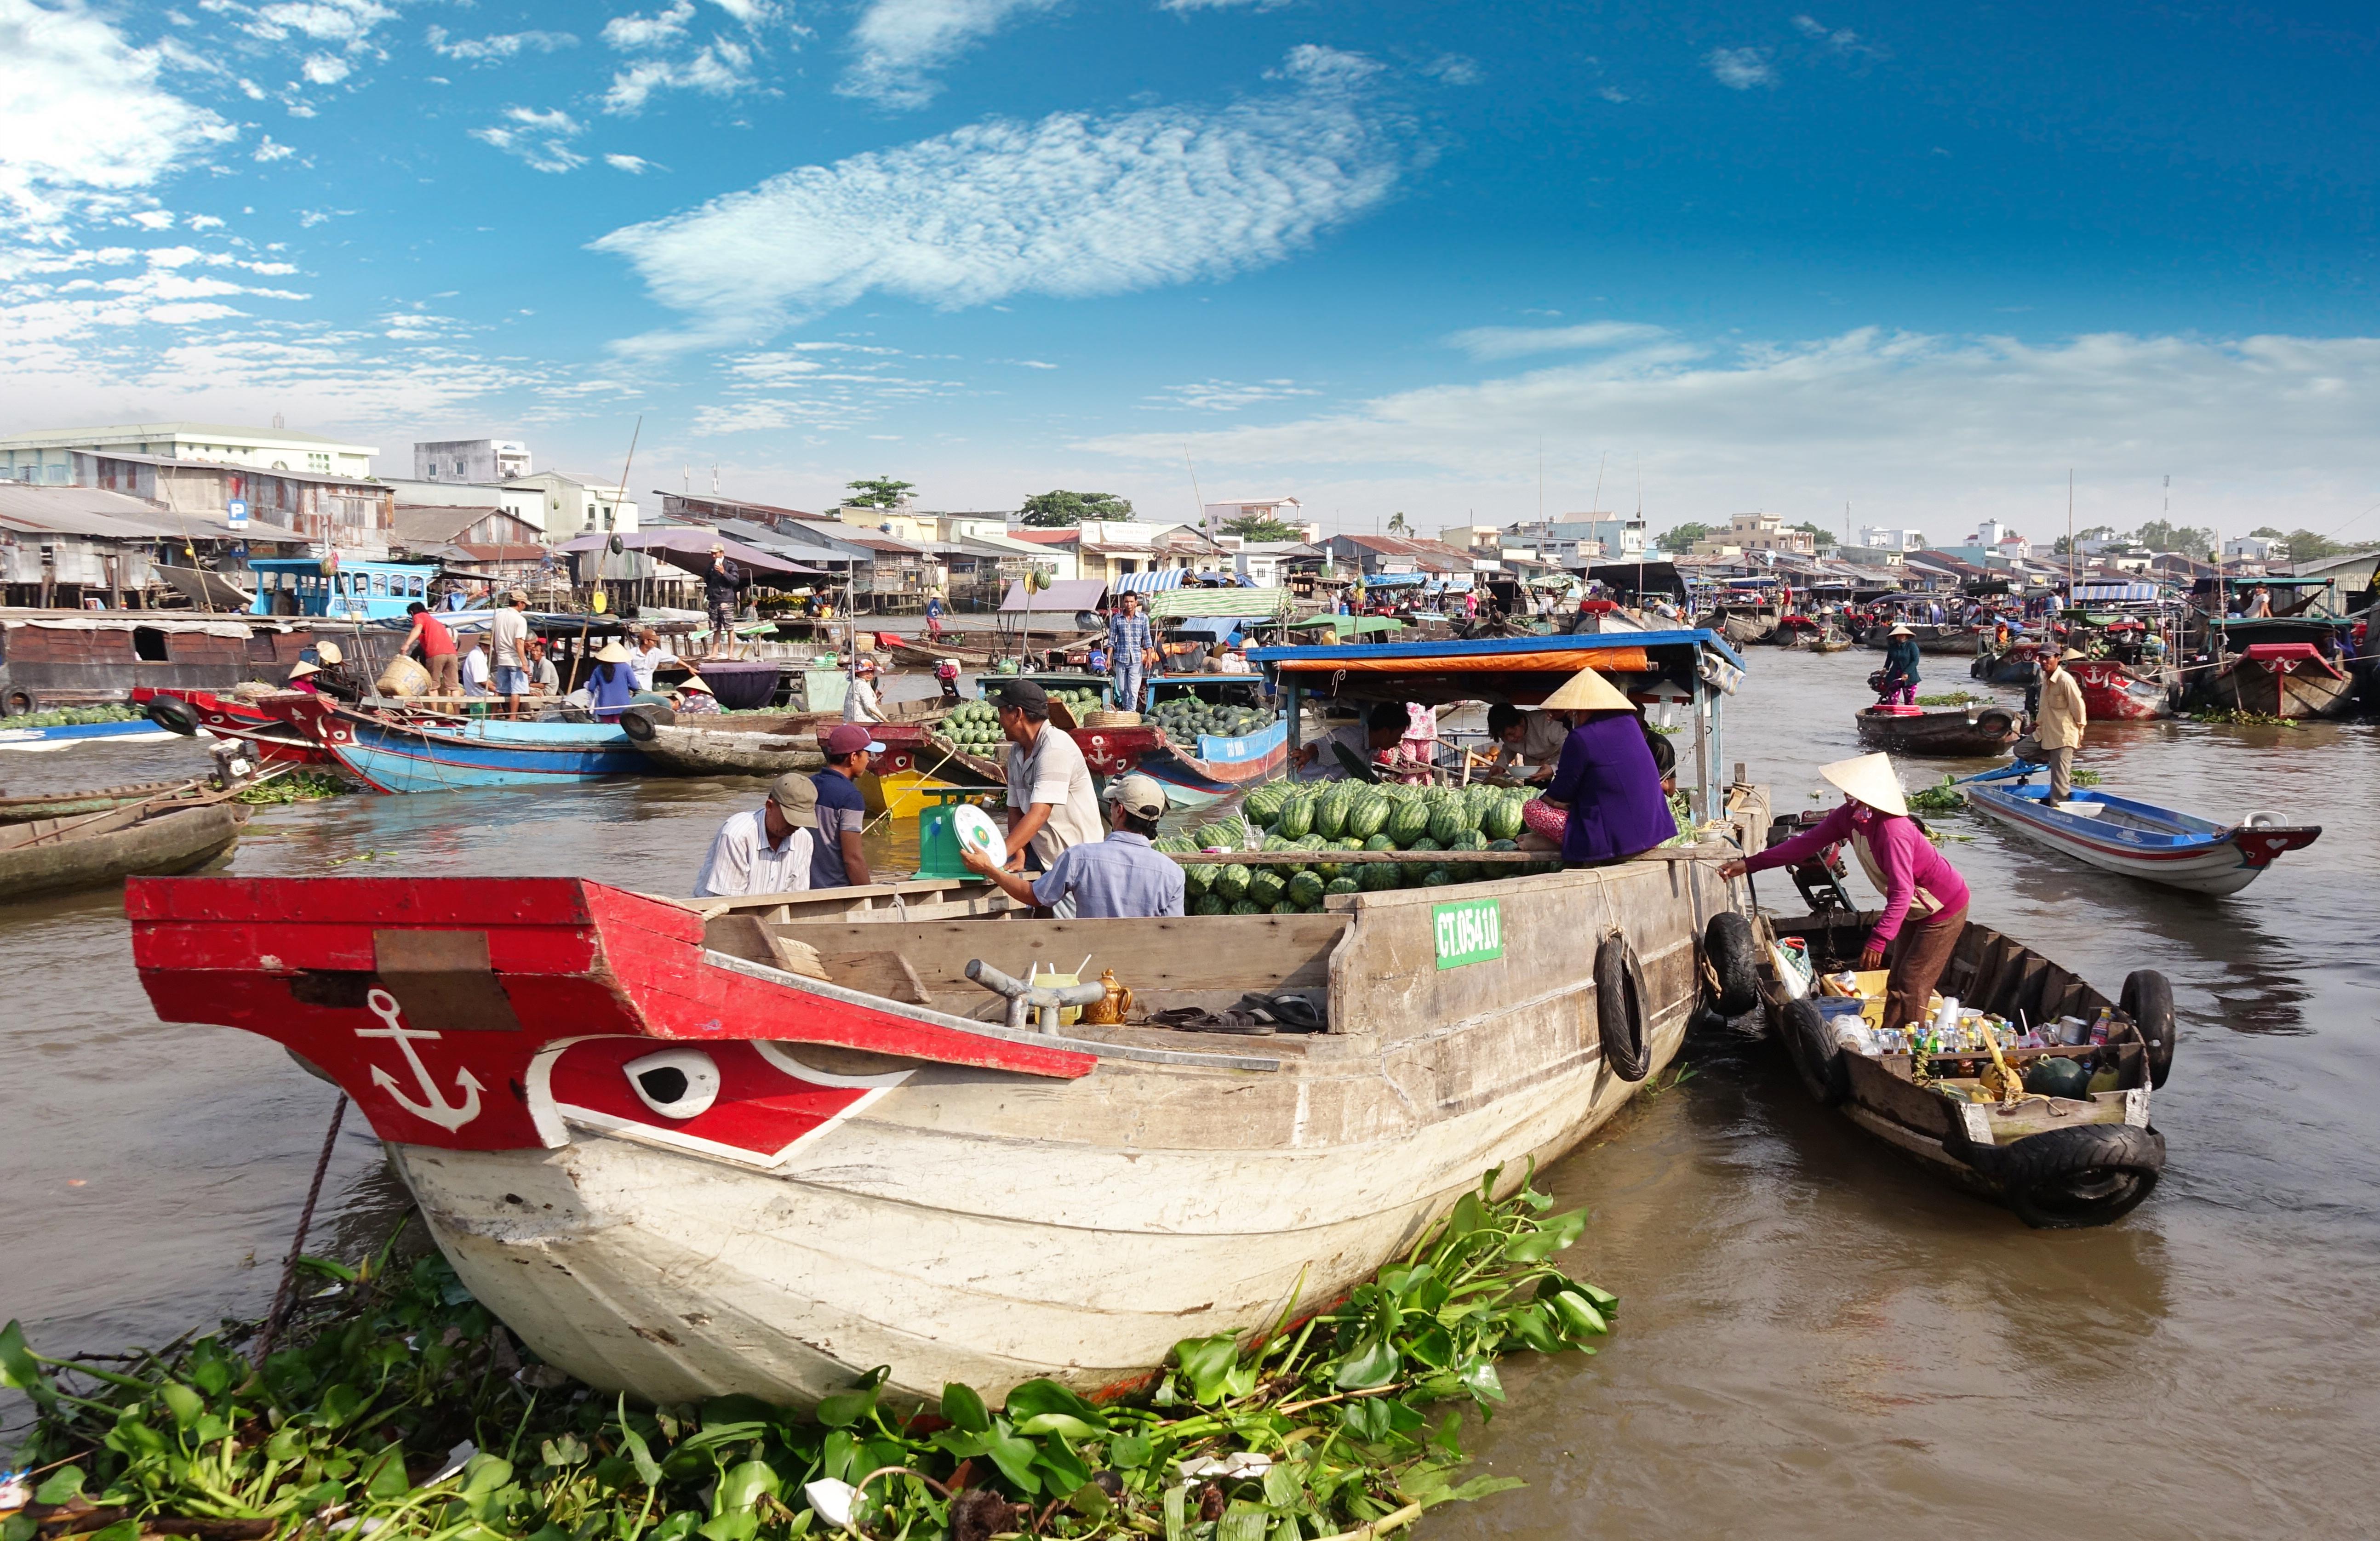 Der authentische schwimmende Markt Cai Rang im Delta des Mekong